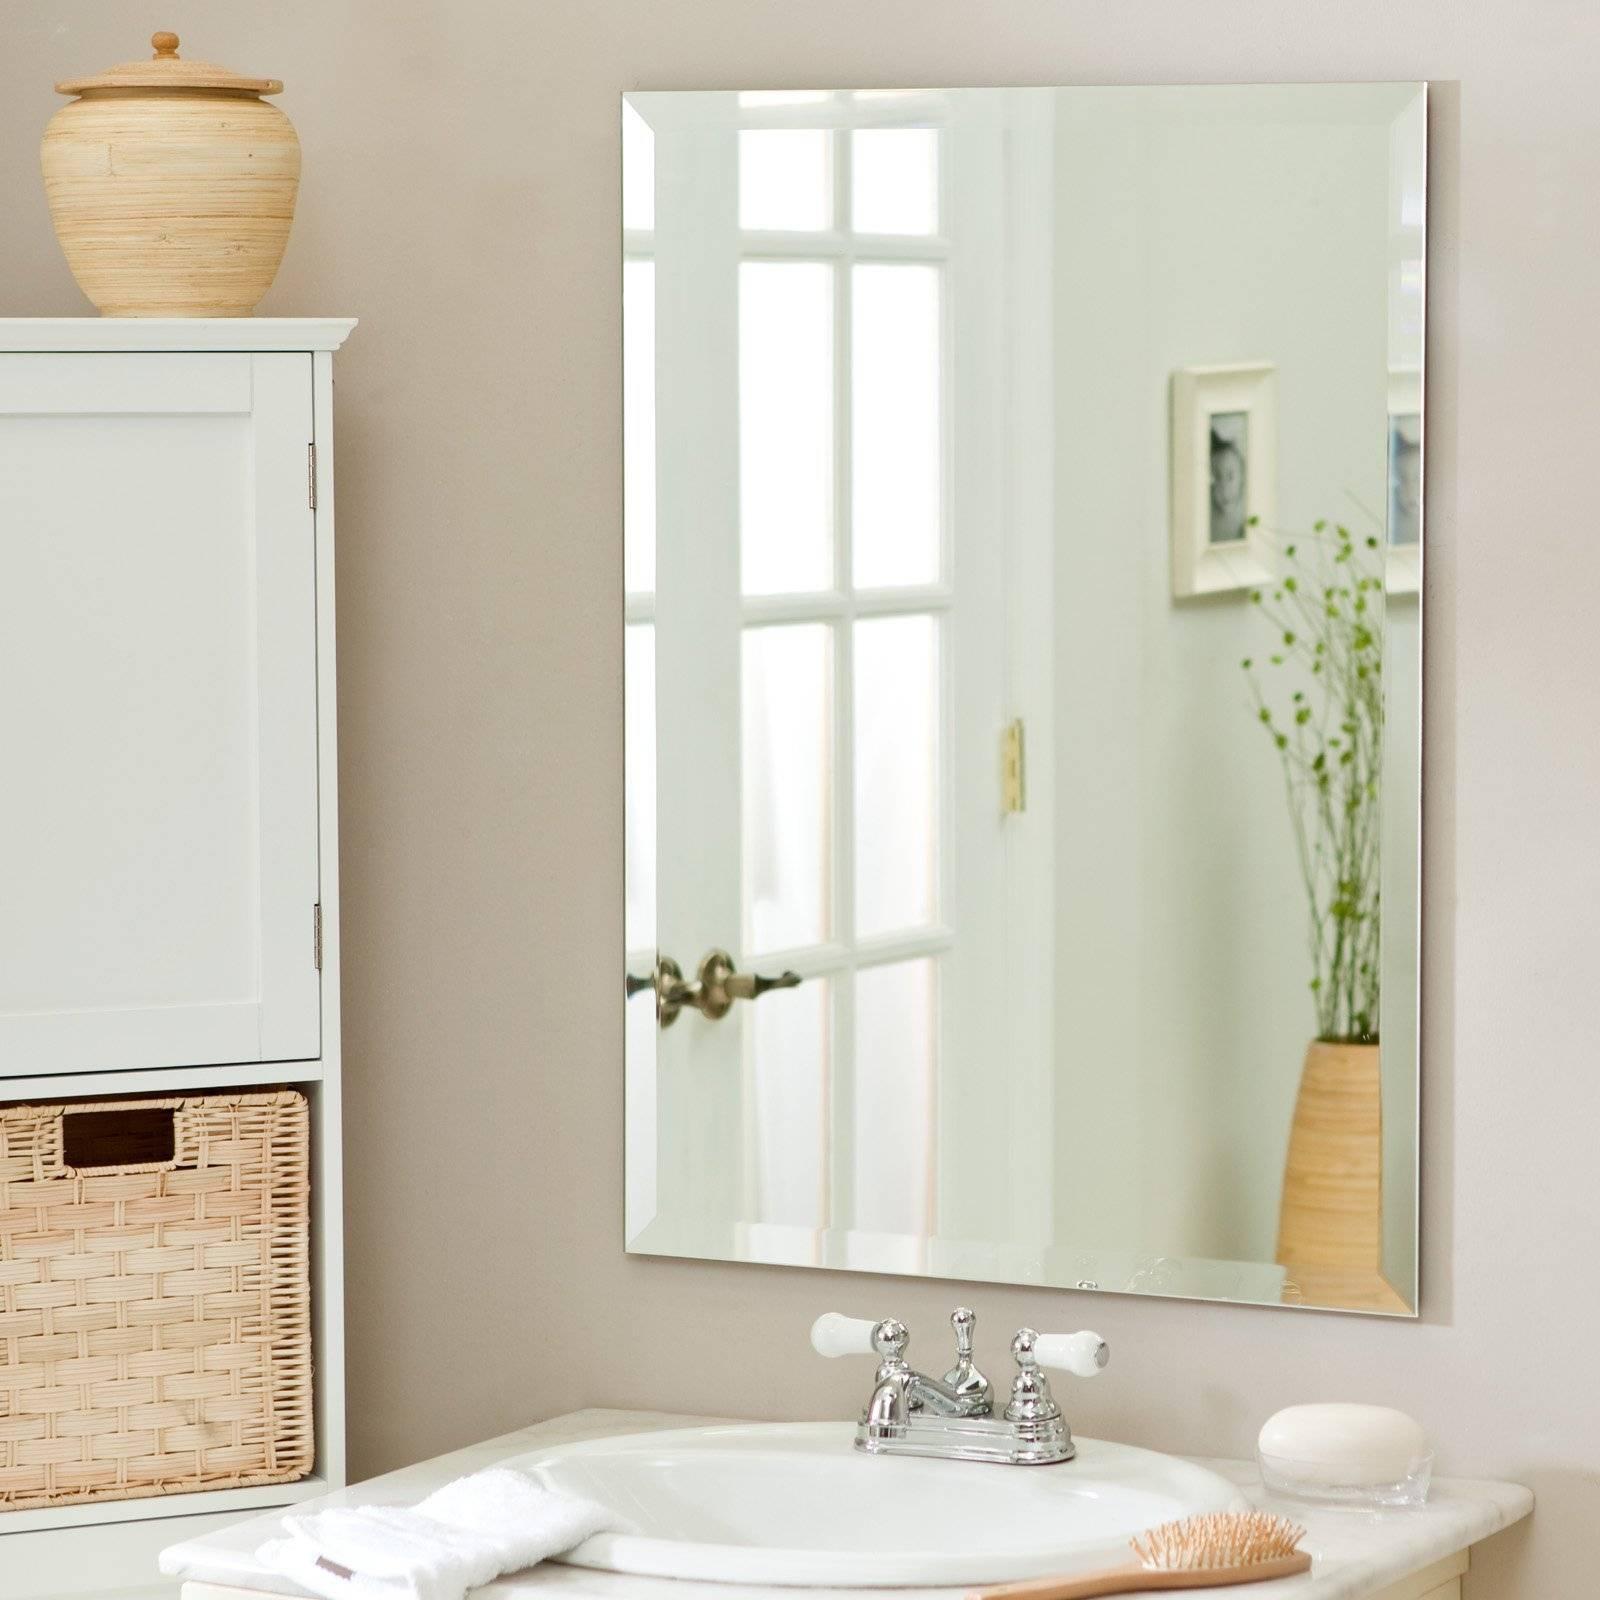 Frameless Beveled Rectangular Wall Mirror Frameless Bathroom inside Vintage Frameless Mirrors (Image 6 of 15)